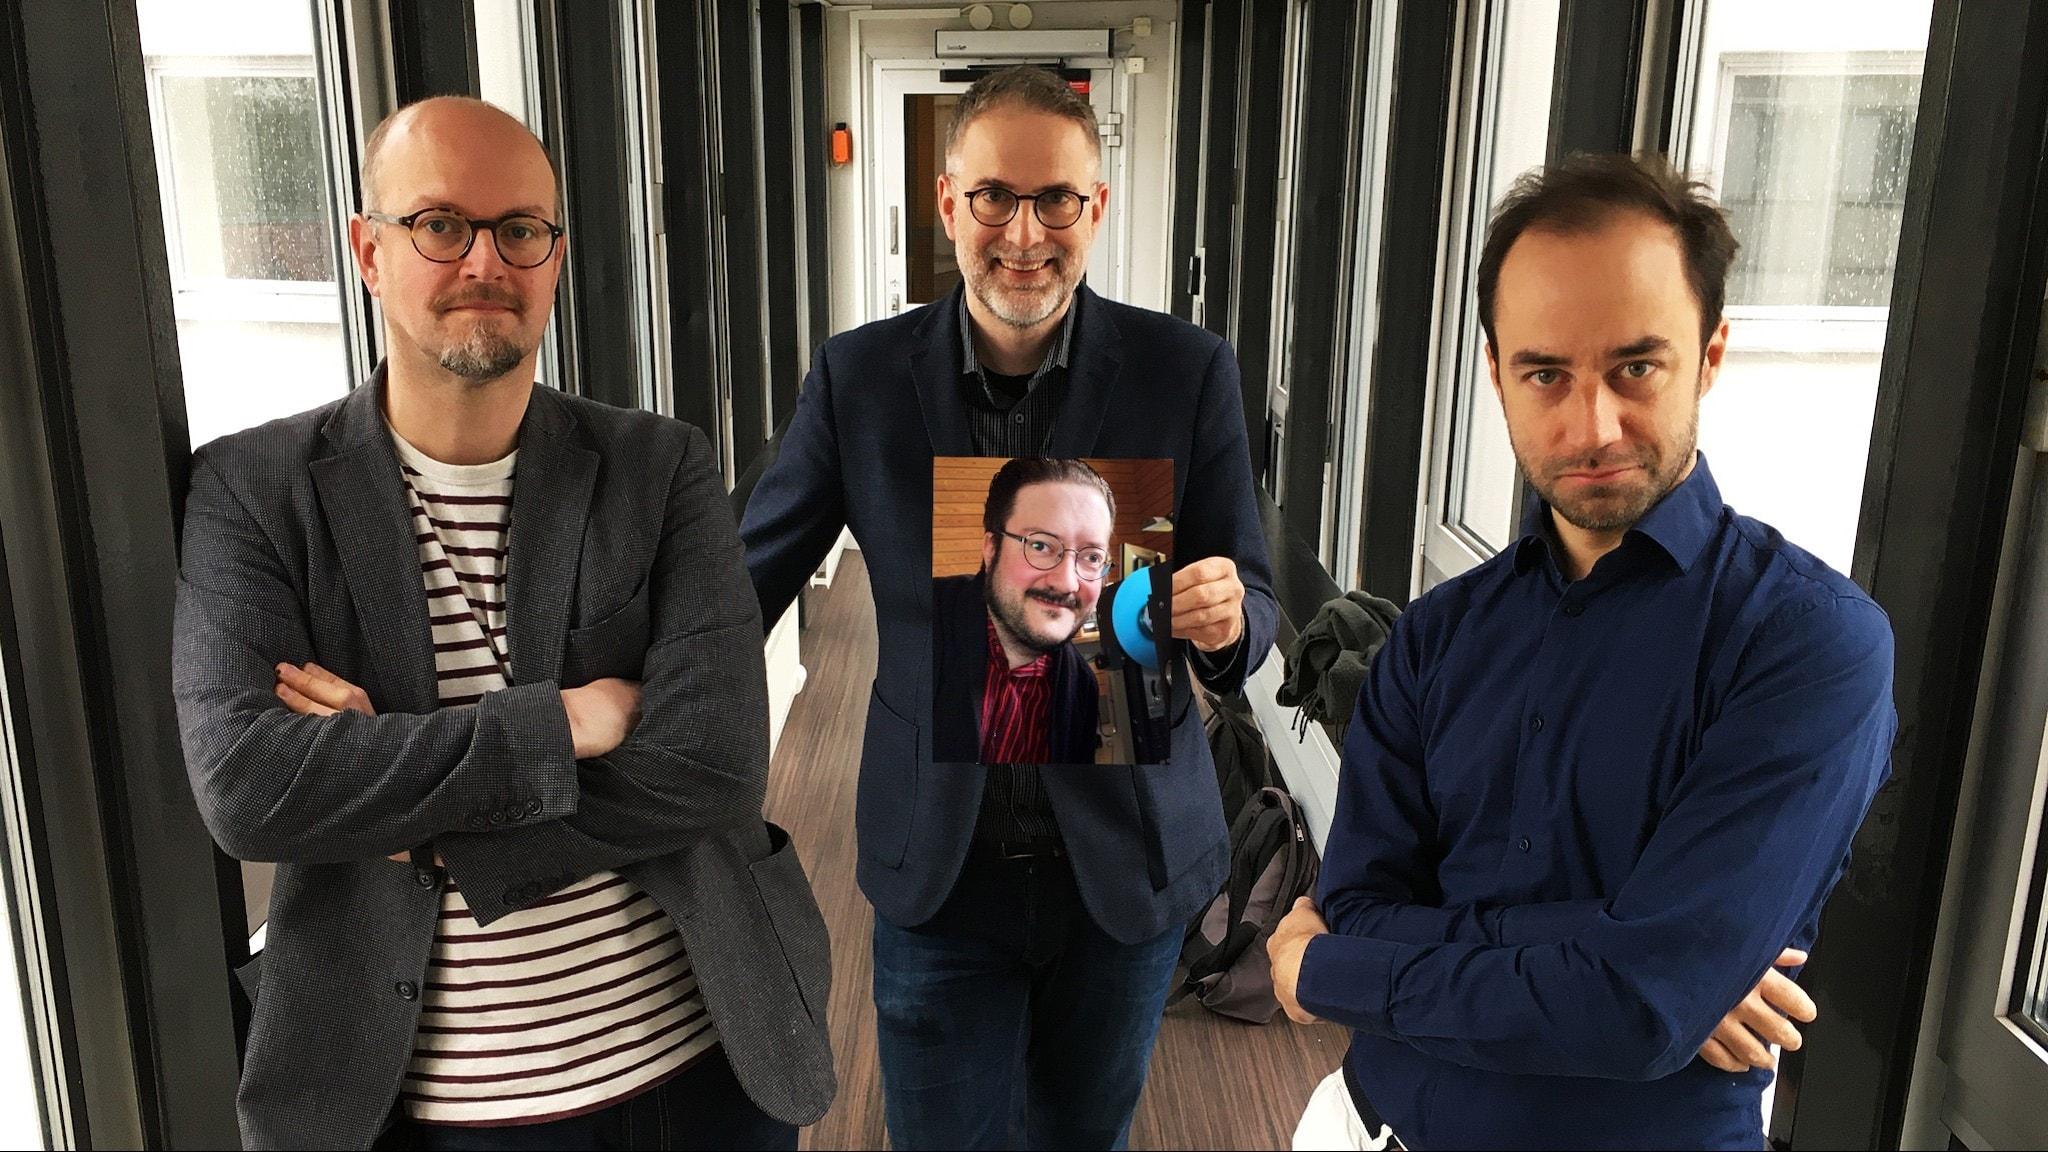 Musikrevyn panel med Klingspor, Staern och Björkman.